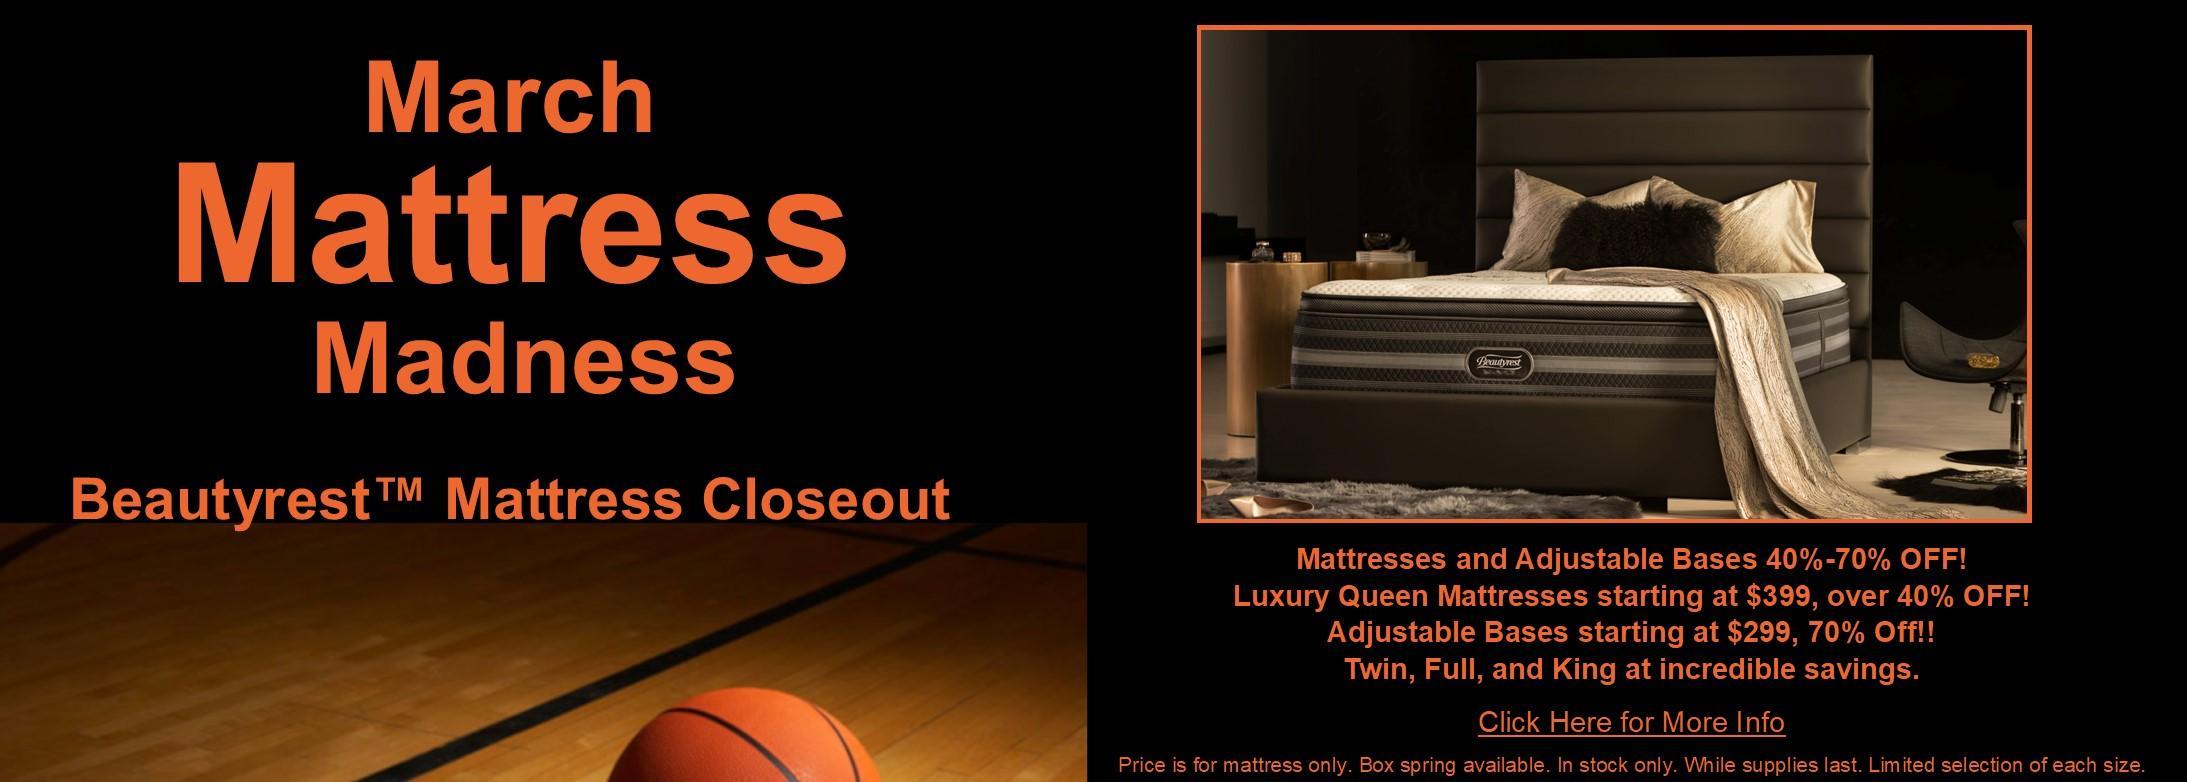 March Mattress Madness - Beautyrest Closeout